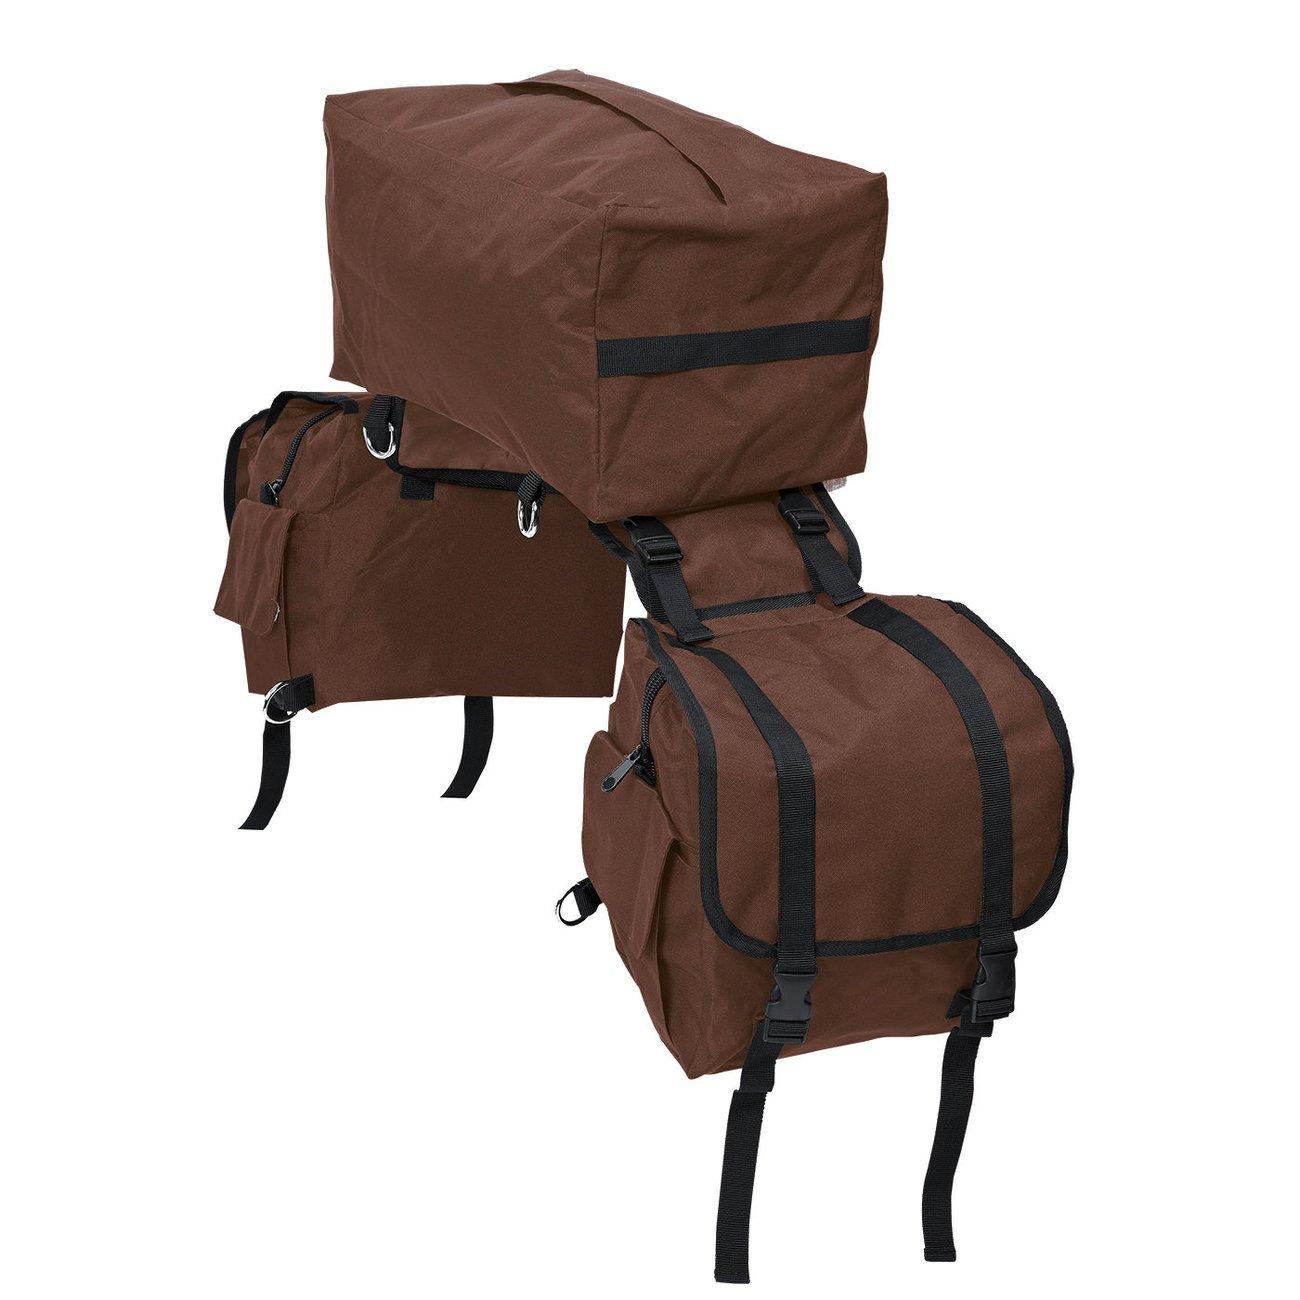 WILDHORN Satteltasche Packtasche 3-in-1, Bild 2